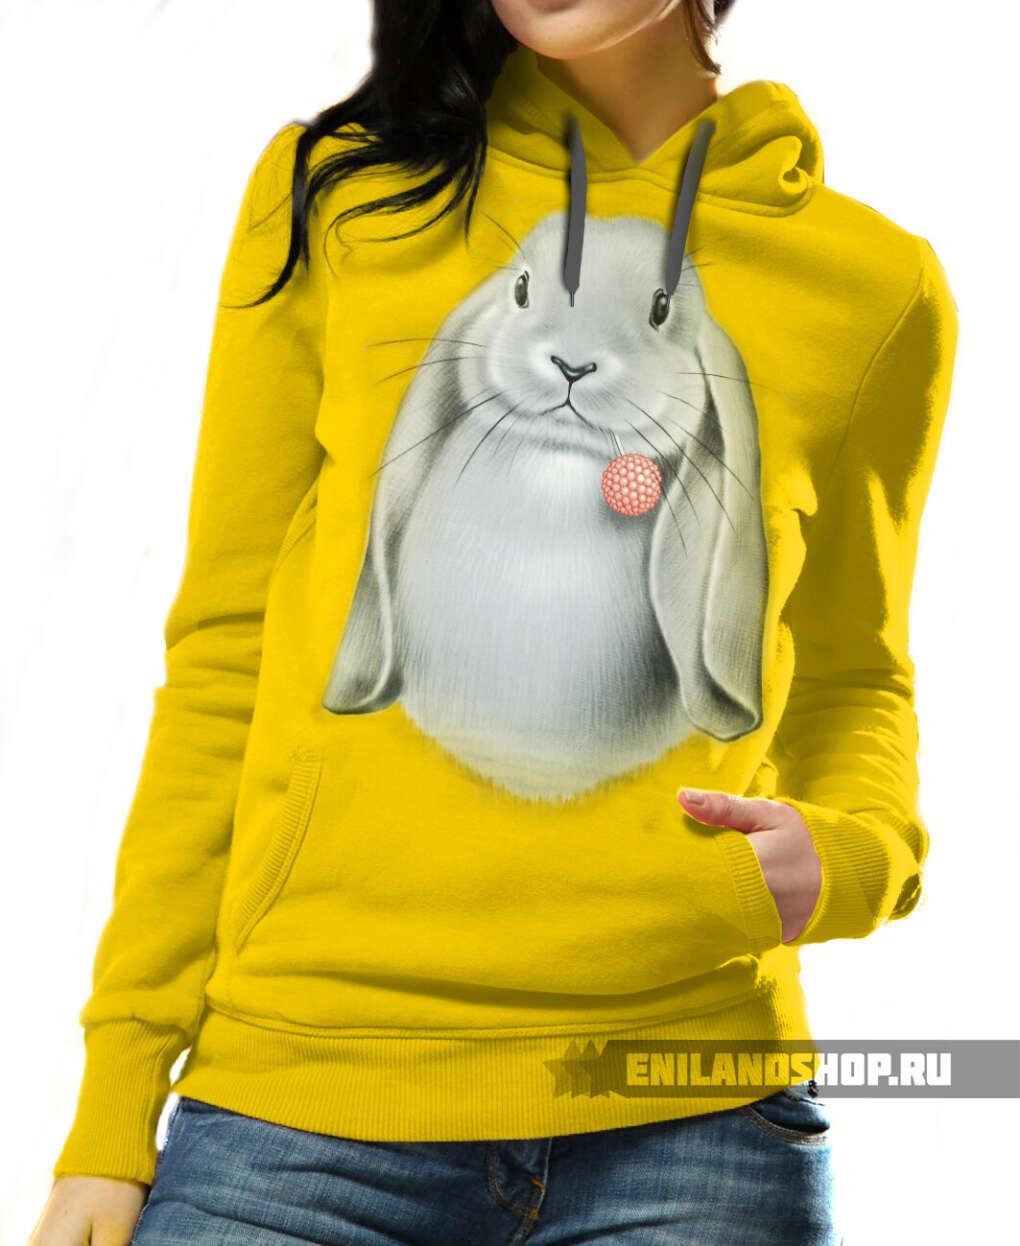 Желтое худи с Кроликом